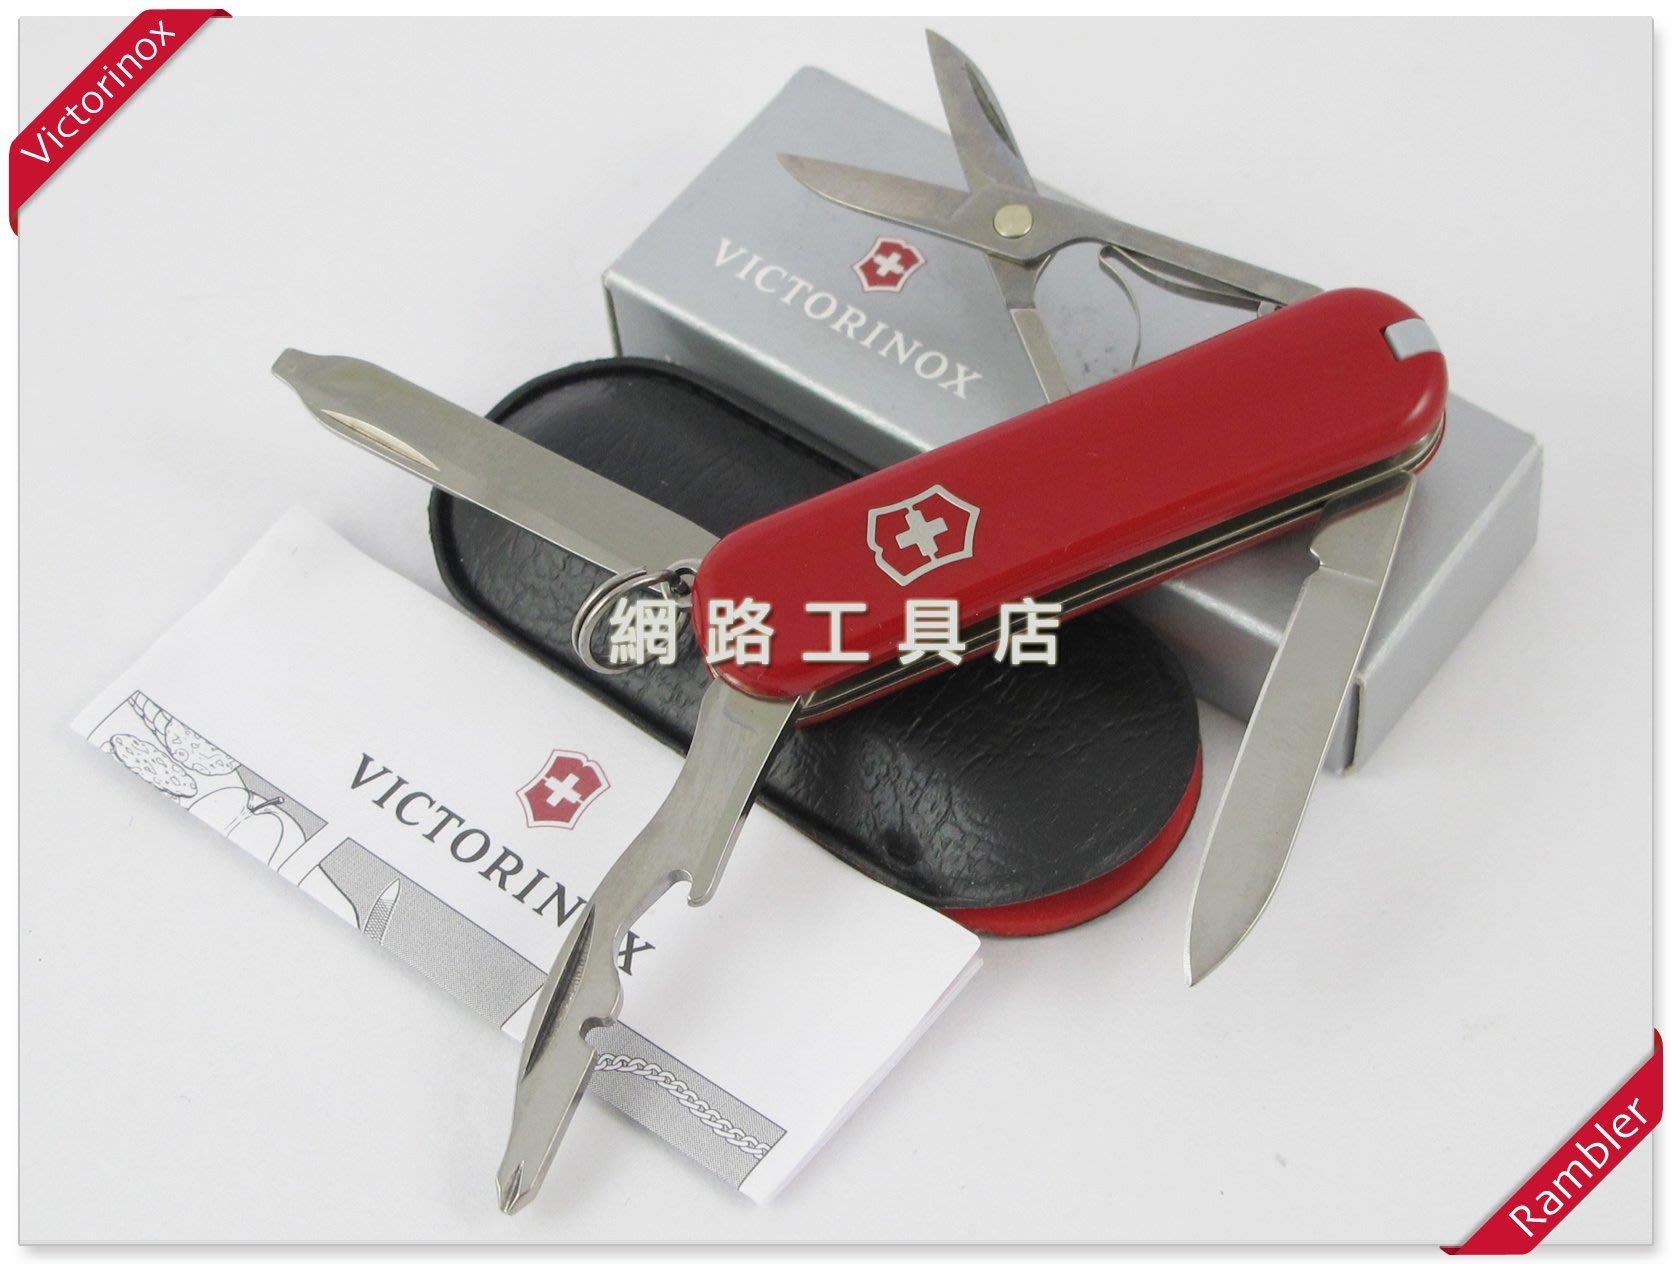 網路工具店『VICTORINOX維氏 Rambler 逍遙派 瑞士刀-紅色』(型號 0.6363) #2